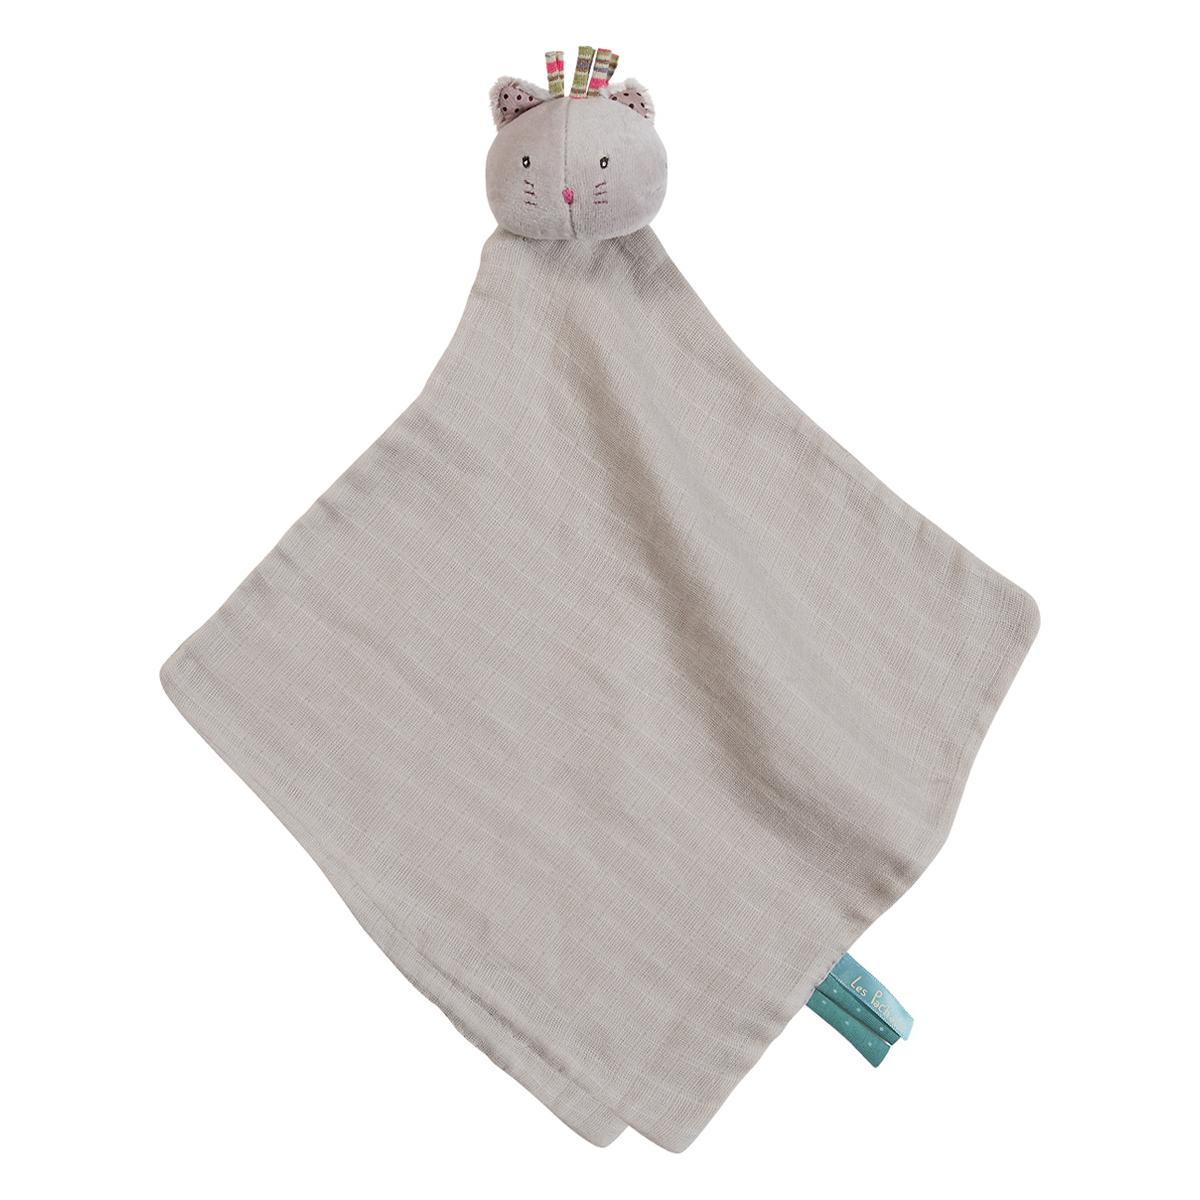 「パシャ」チャロマのおしゃぶりタオル